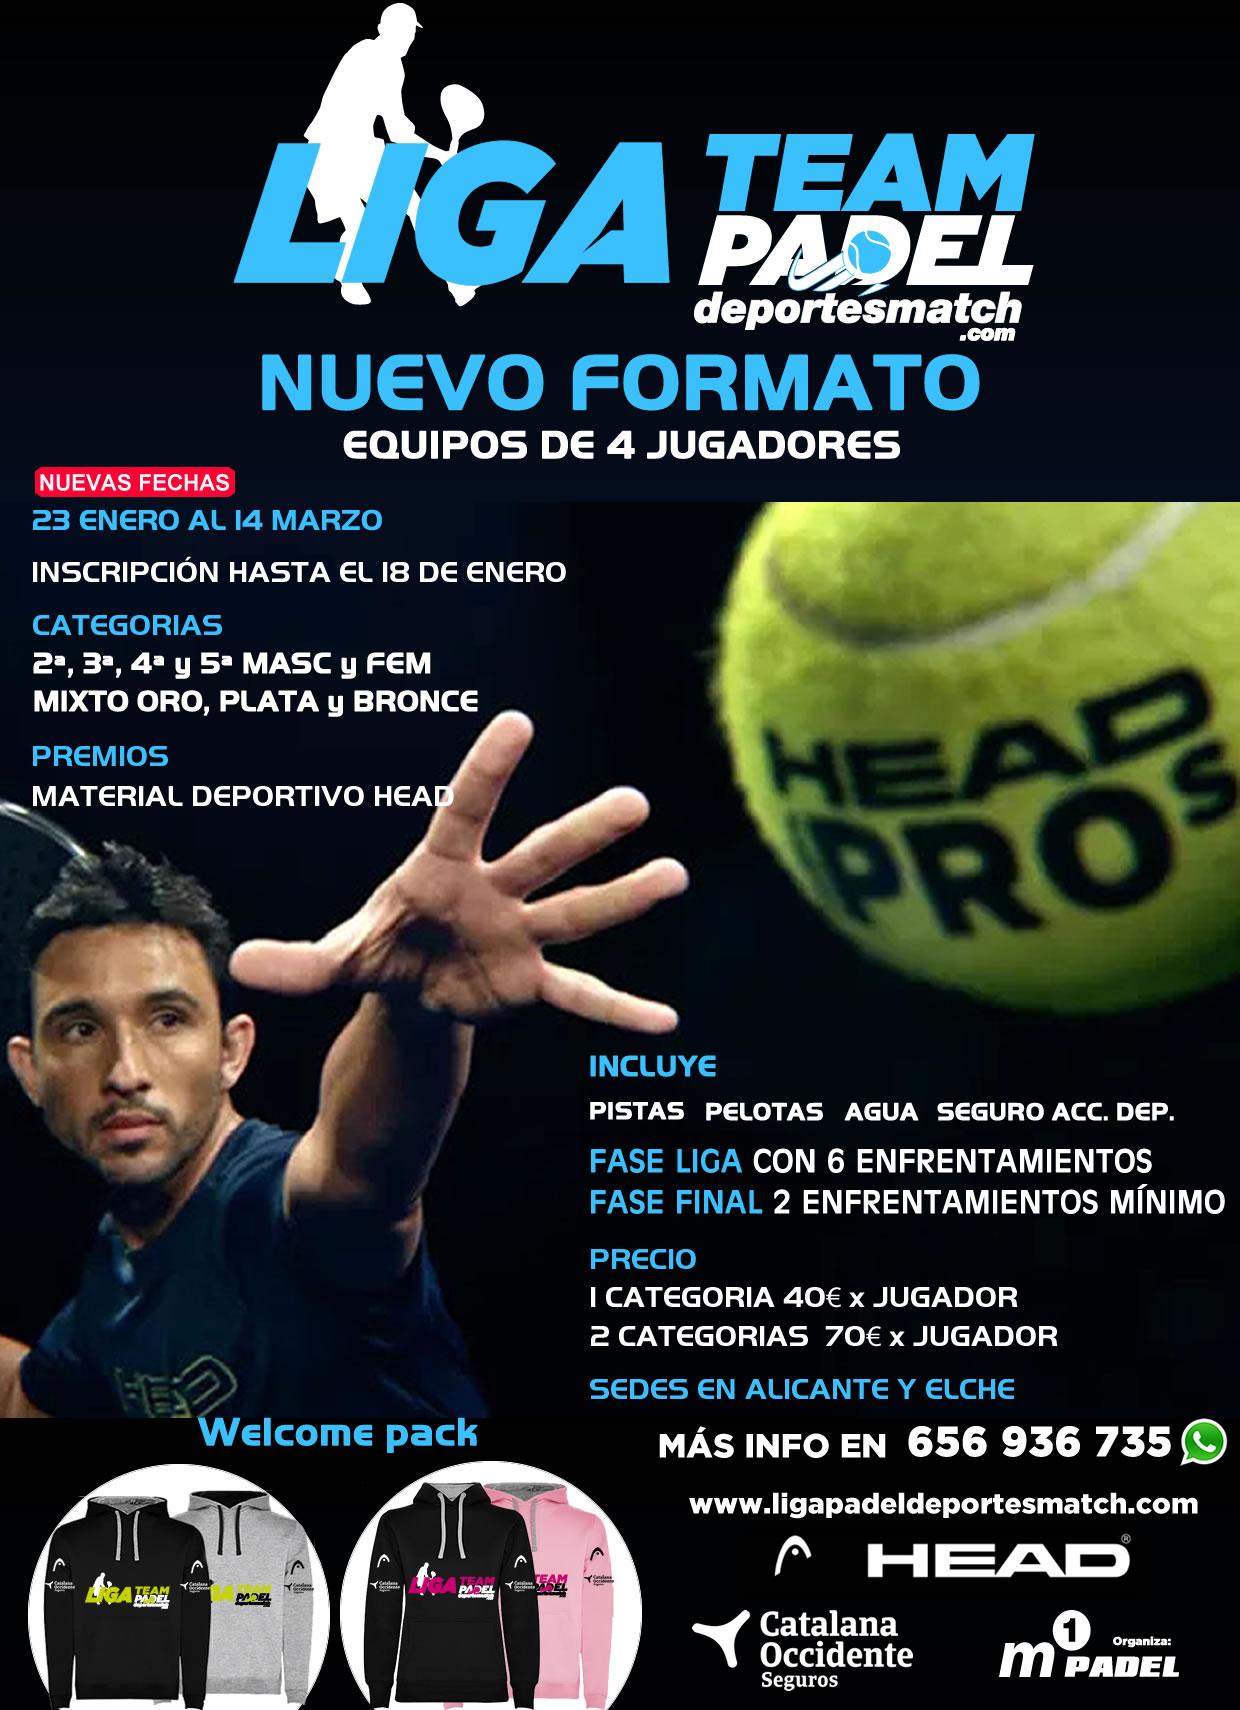 Cartel del nuevo formato de la Liga Team Padel - Deportes Match